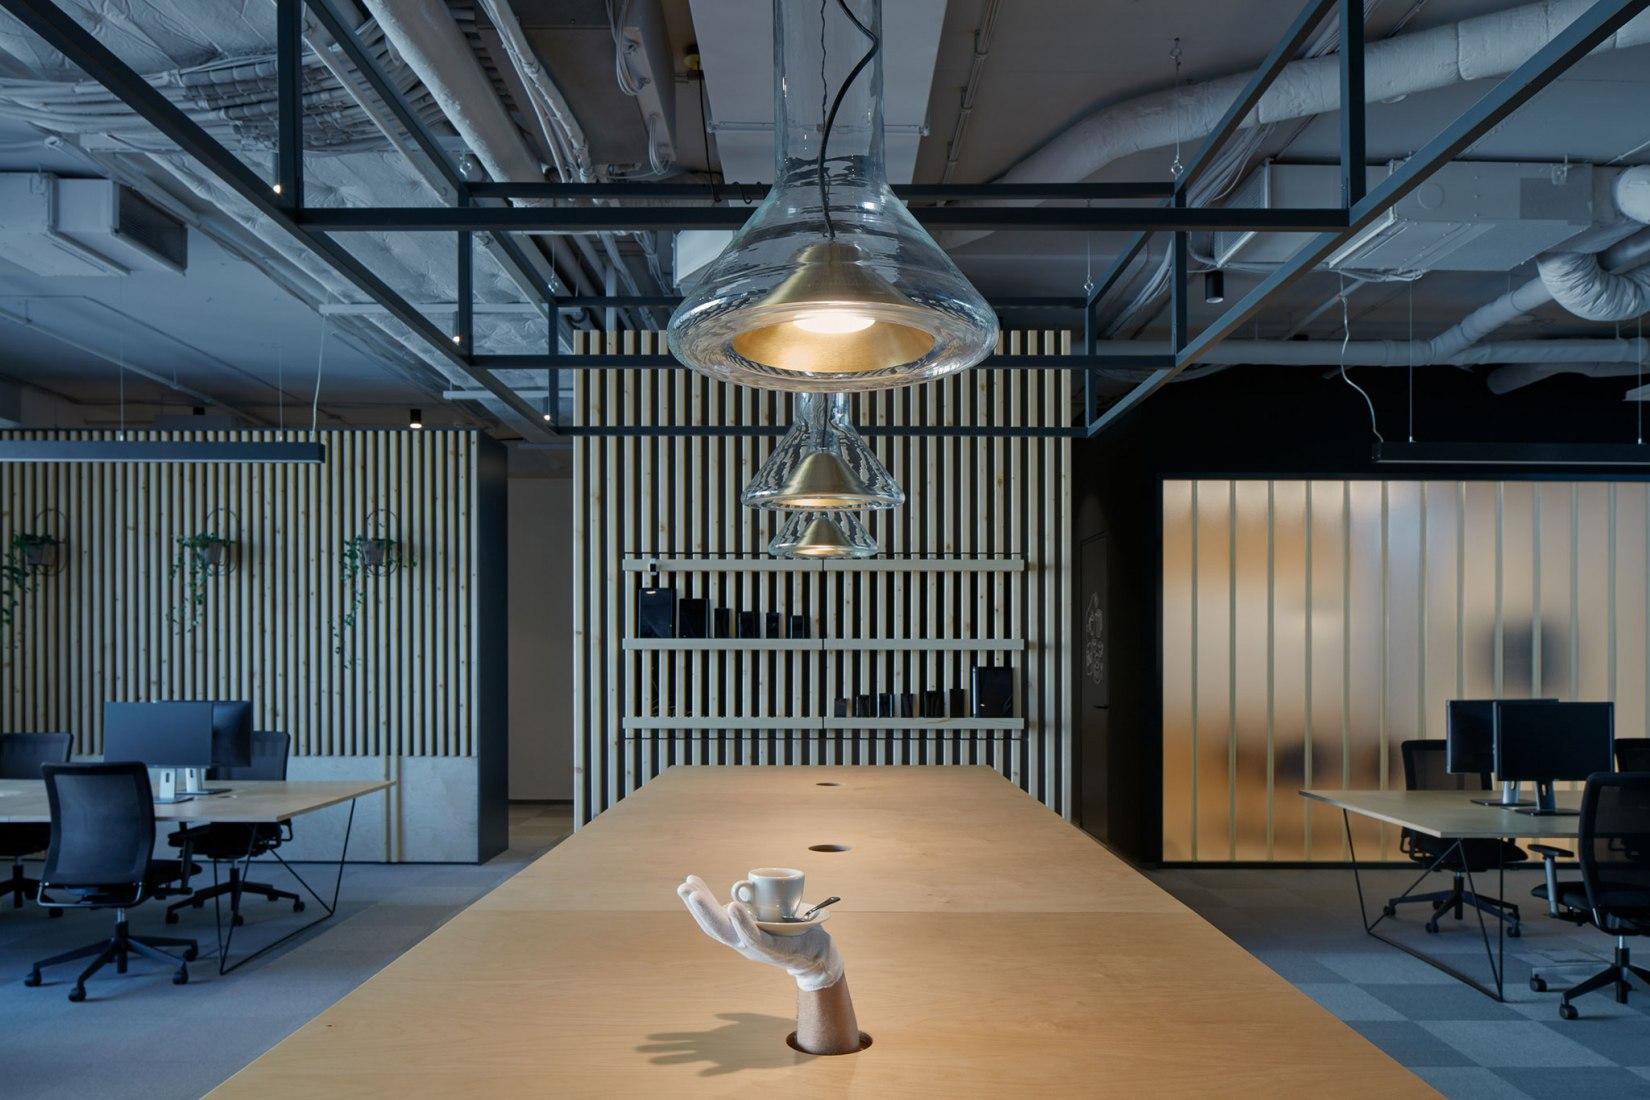 Oficinas de Funtasty por Studio Perspektiv. Fotografía por Jakub Skokan y Martin Tůma / BoysPlayNice